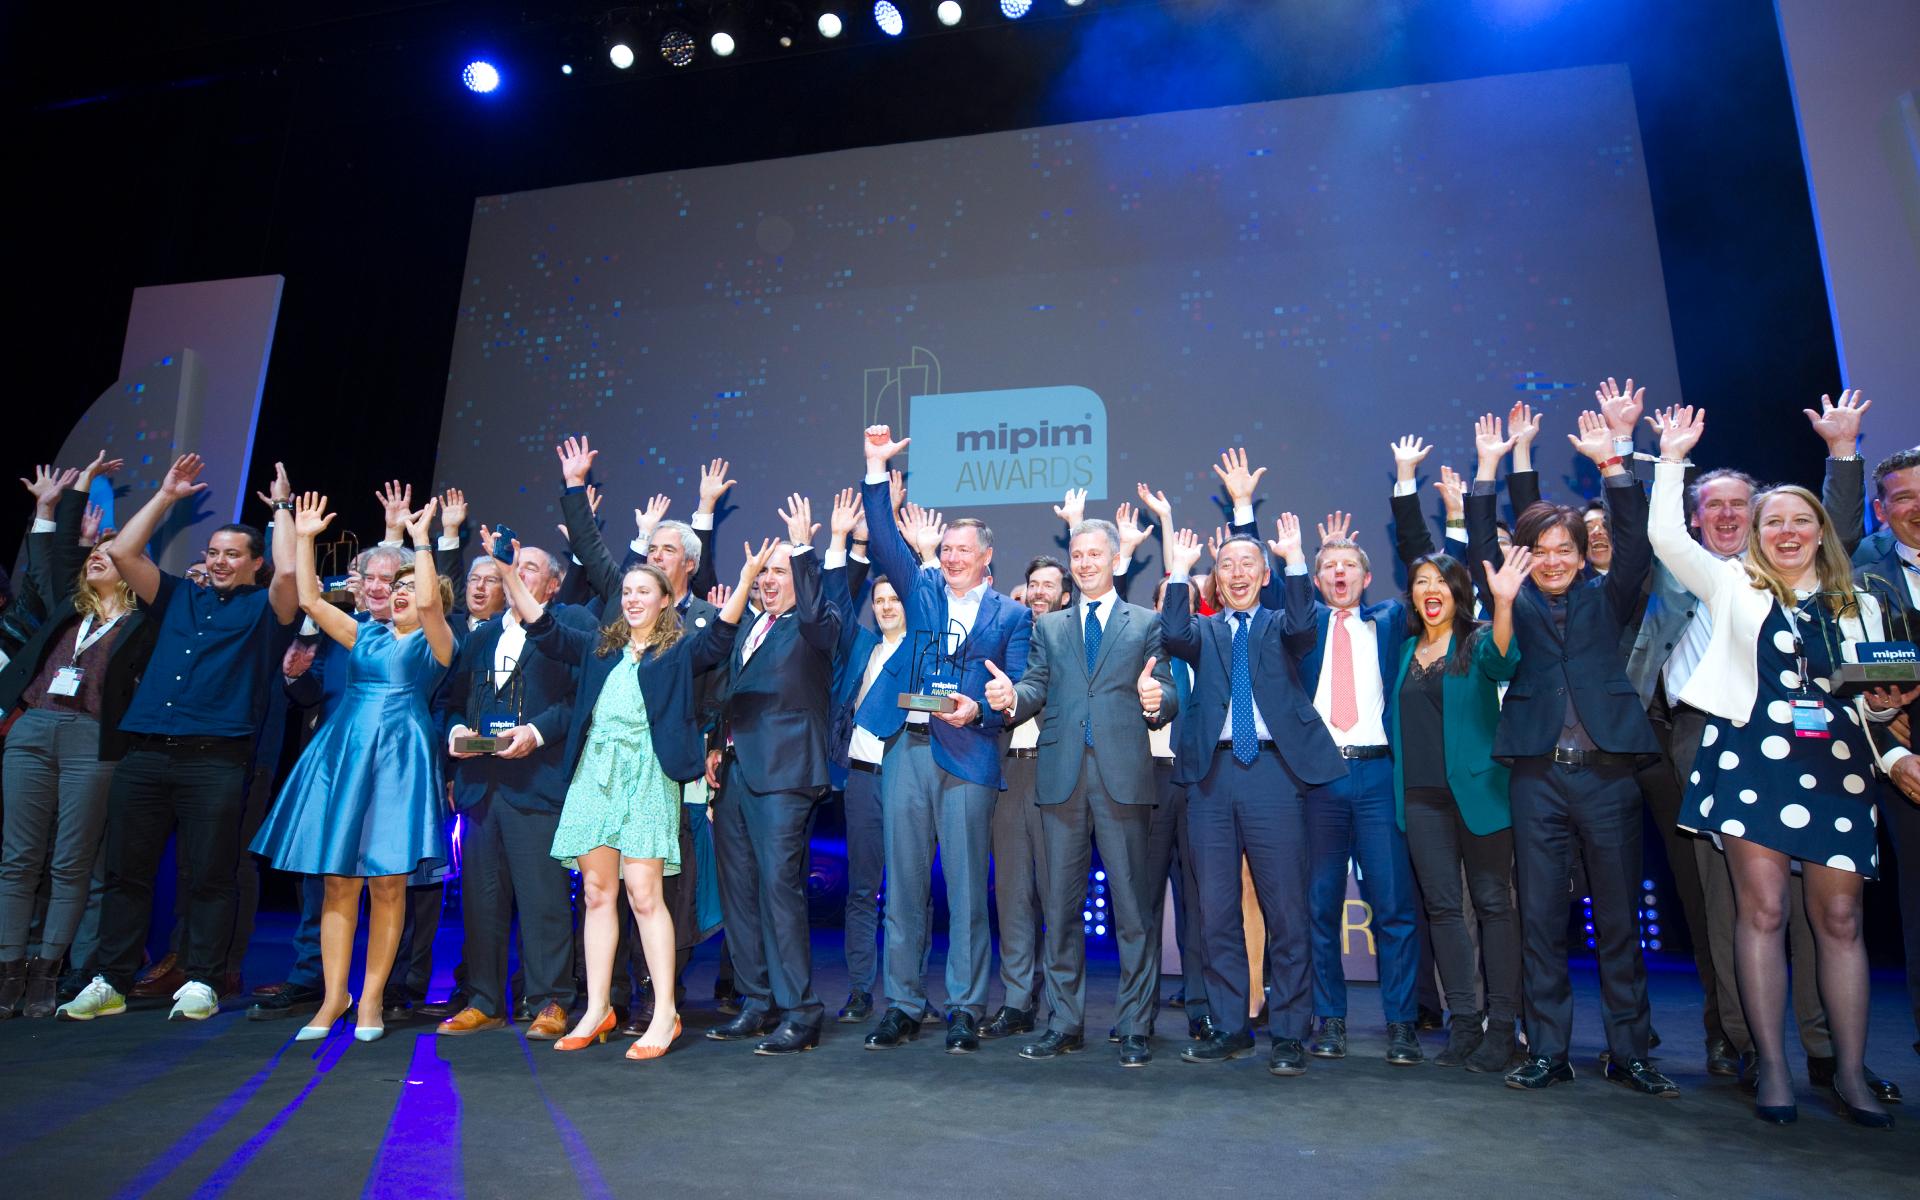 На церемонии награждения MIPIM Awards s 2019 году (в 2020 году торжественная церемония не проводилась из-за пандемии)